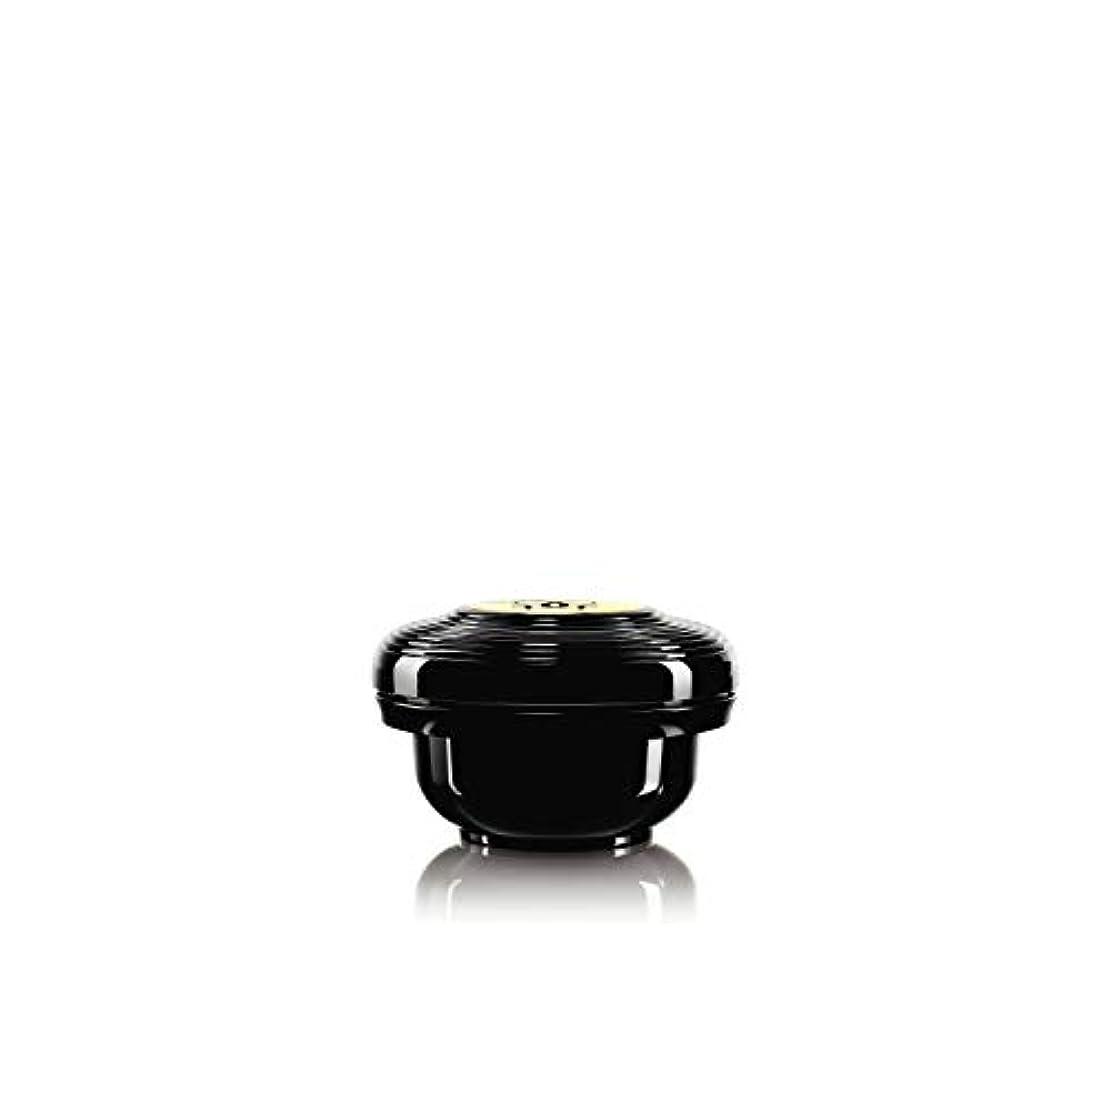 強化する着替える一般的な【GUERLAIN(ゲラン)】オーキデ アンペリアル ブラック クリーム ベルナルド(リフィル)50mL/クリーム